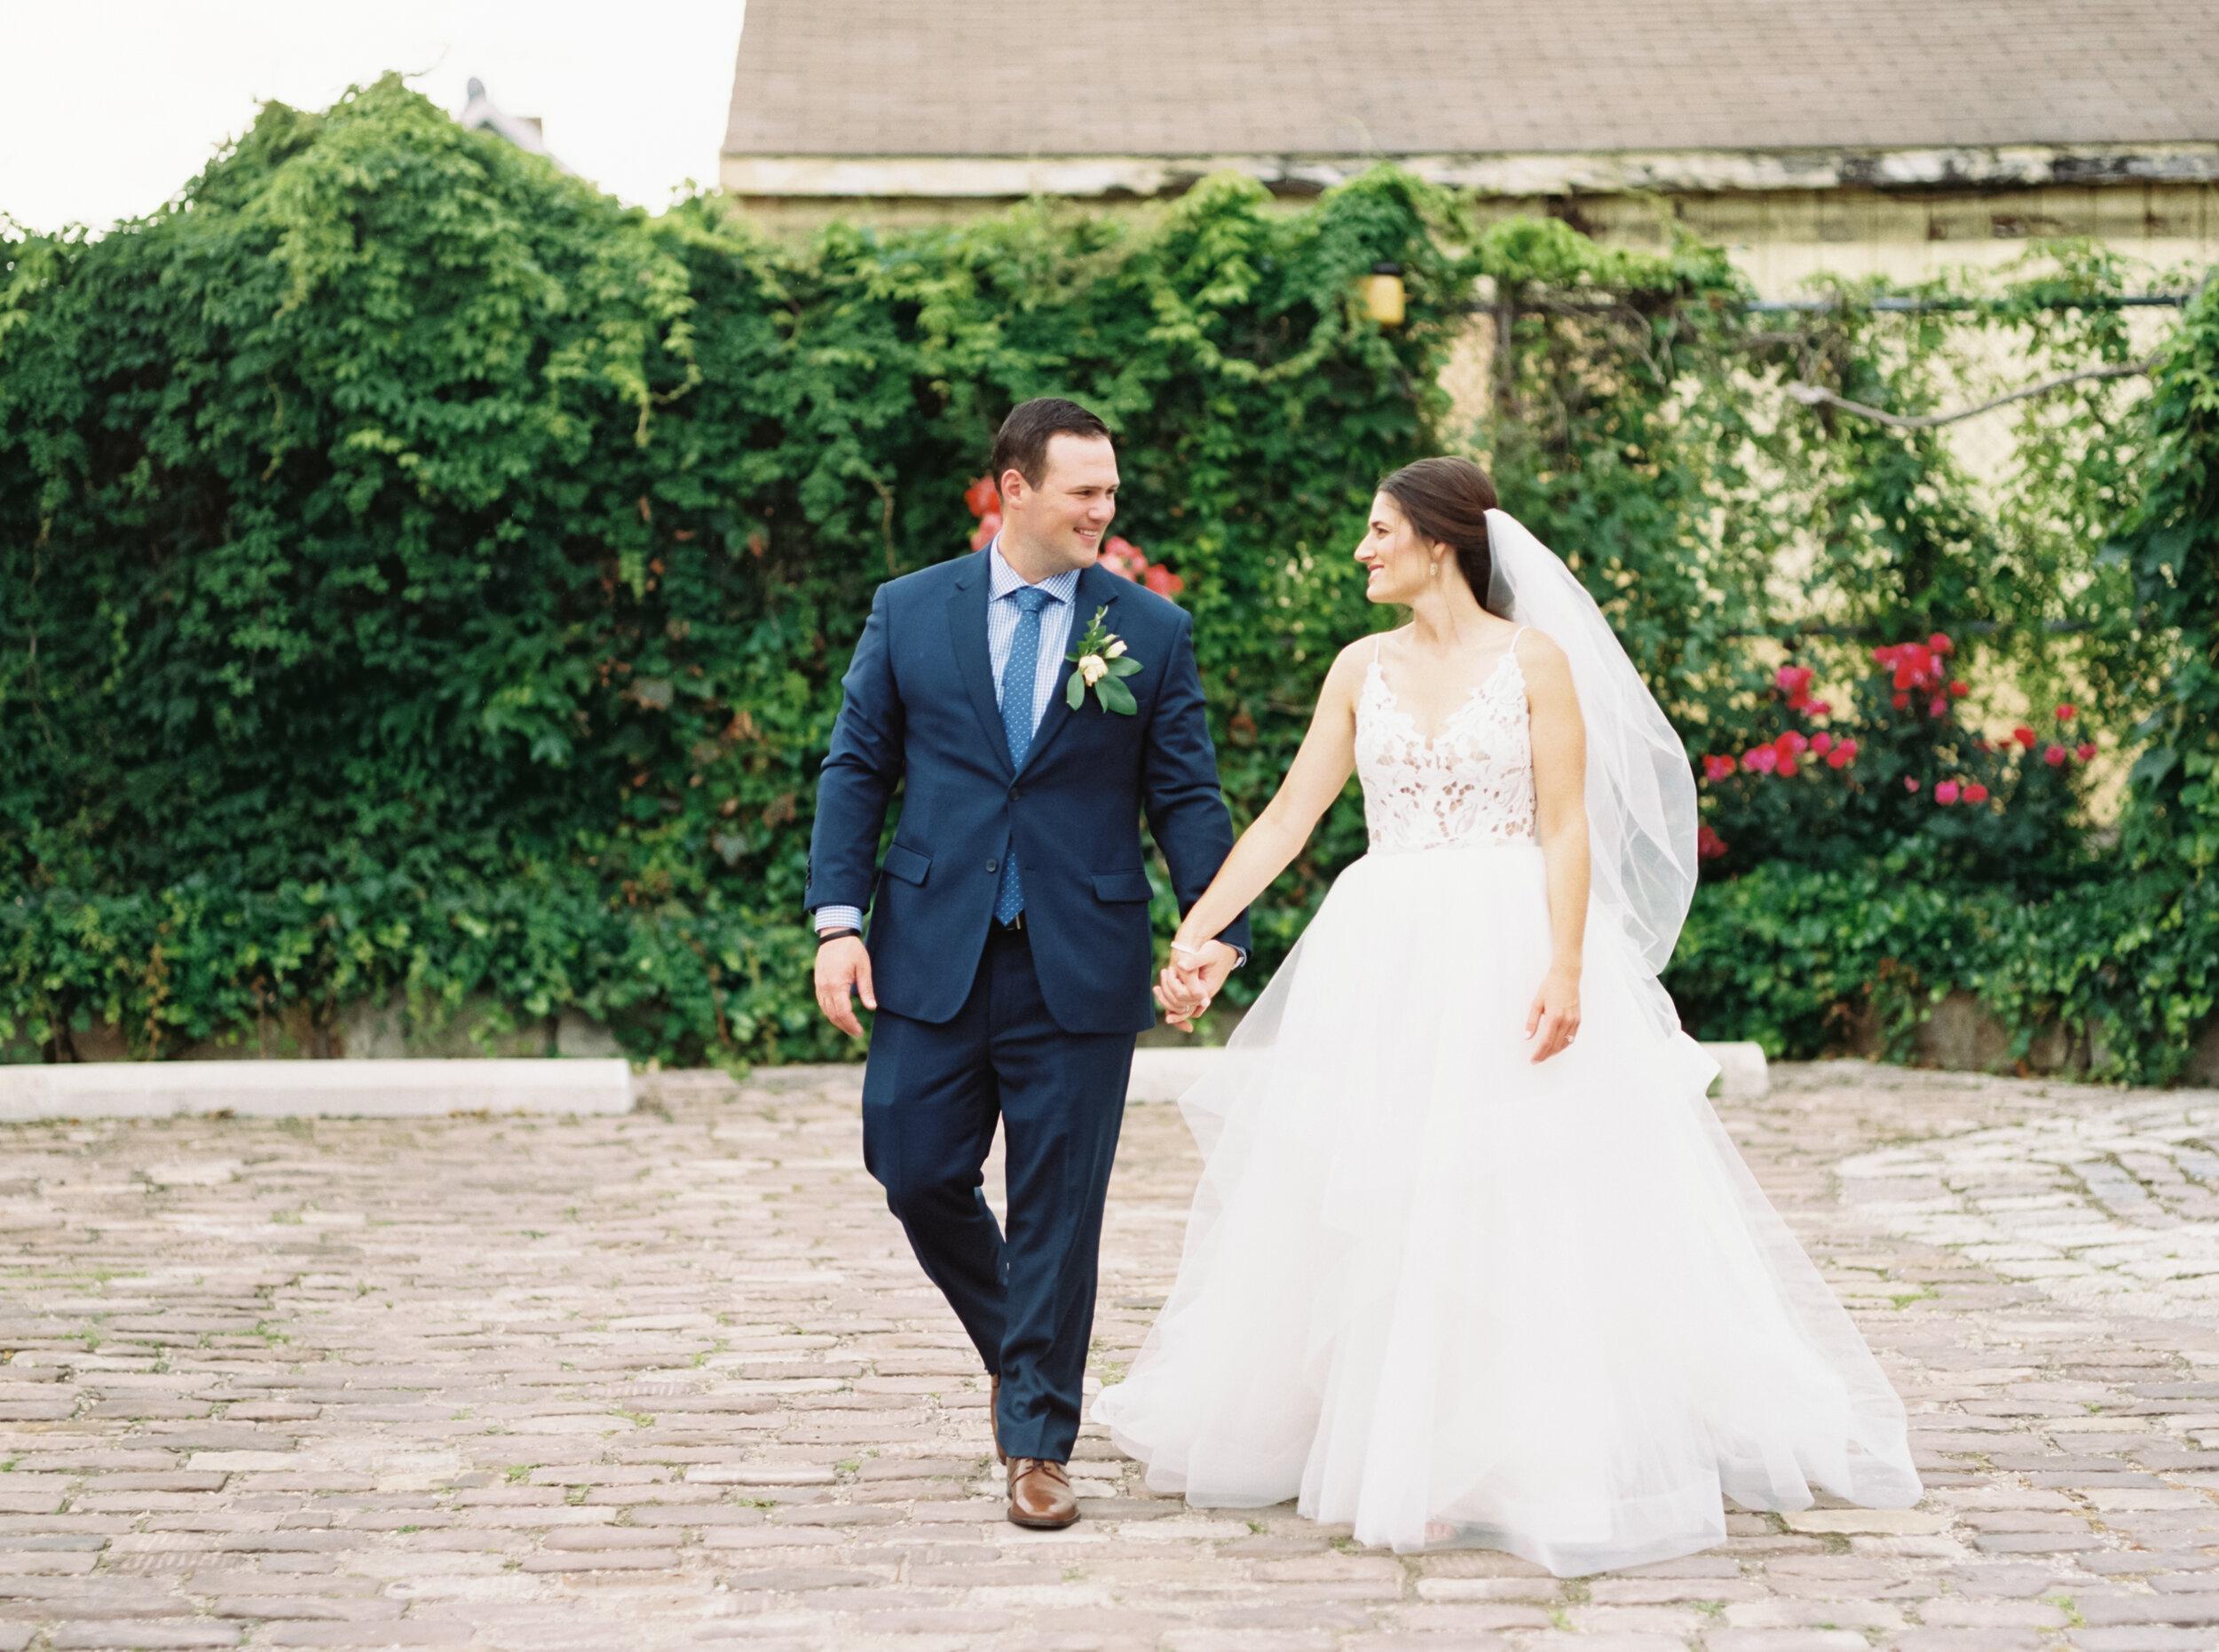 tenk-west-bank-cleveland-wedding-by-matt-erickson-photography-452.JPG